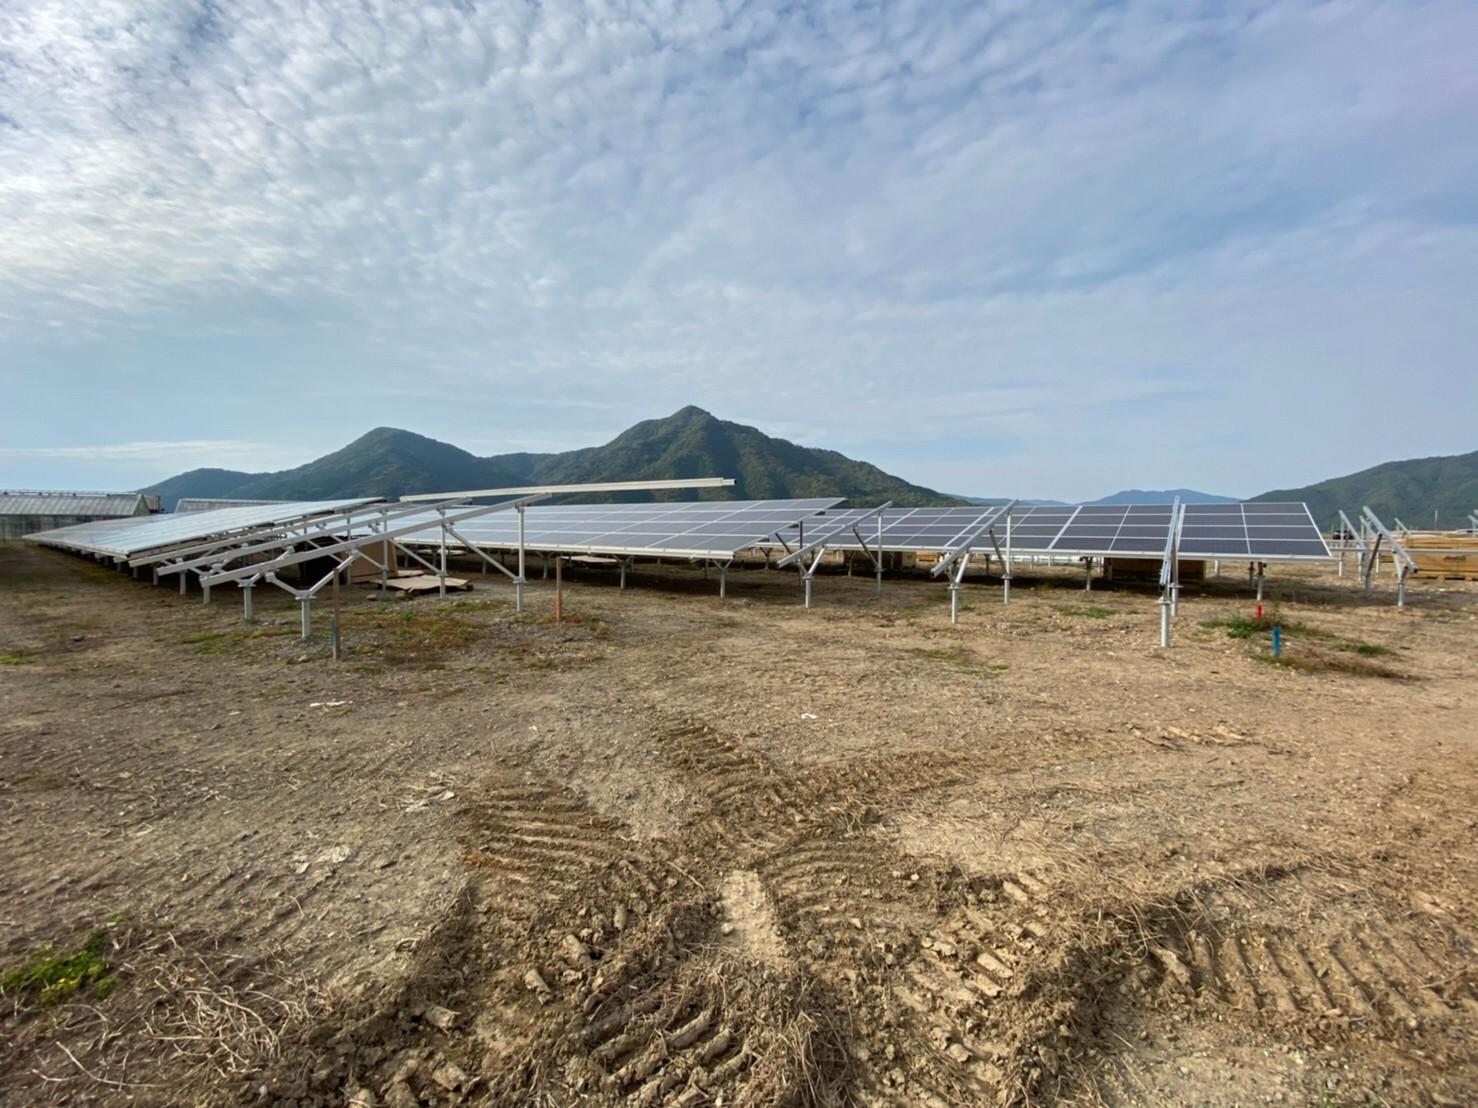 天草にて大規模な太陽光発電の工事を行なっております。